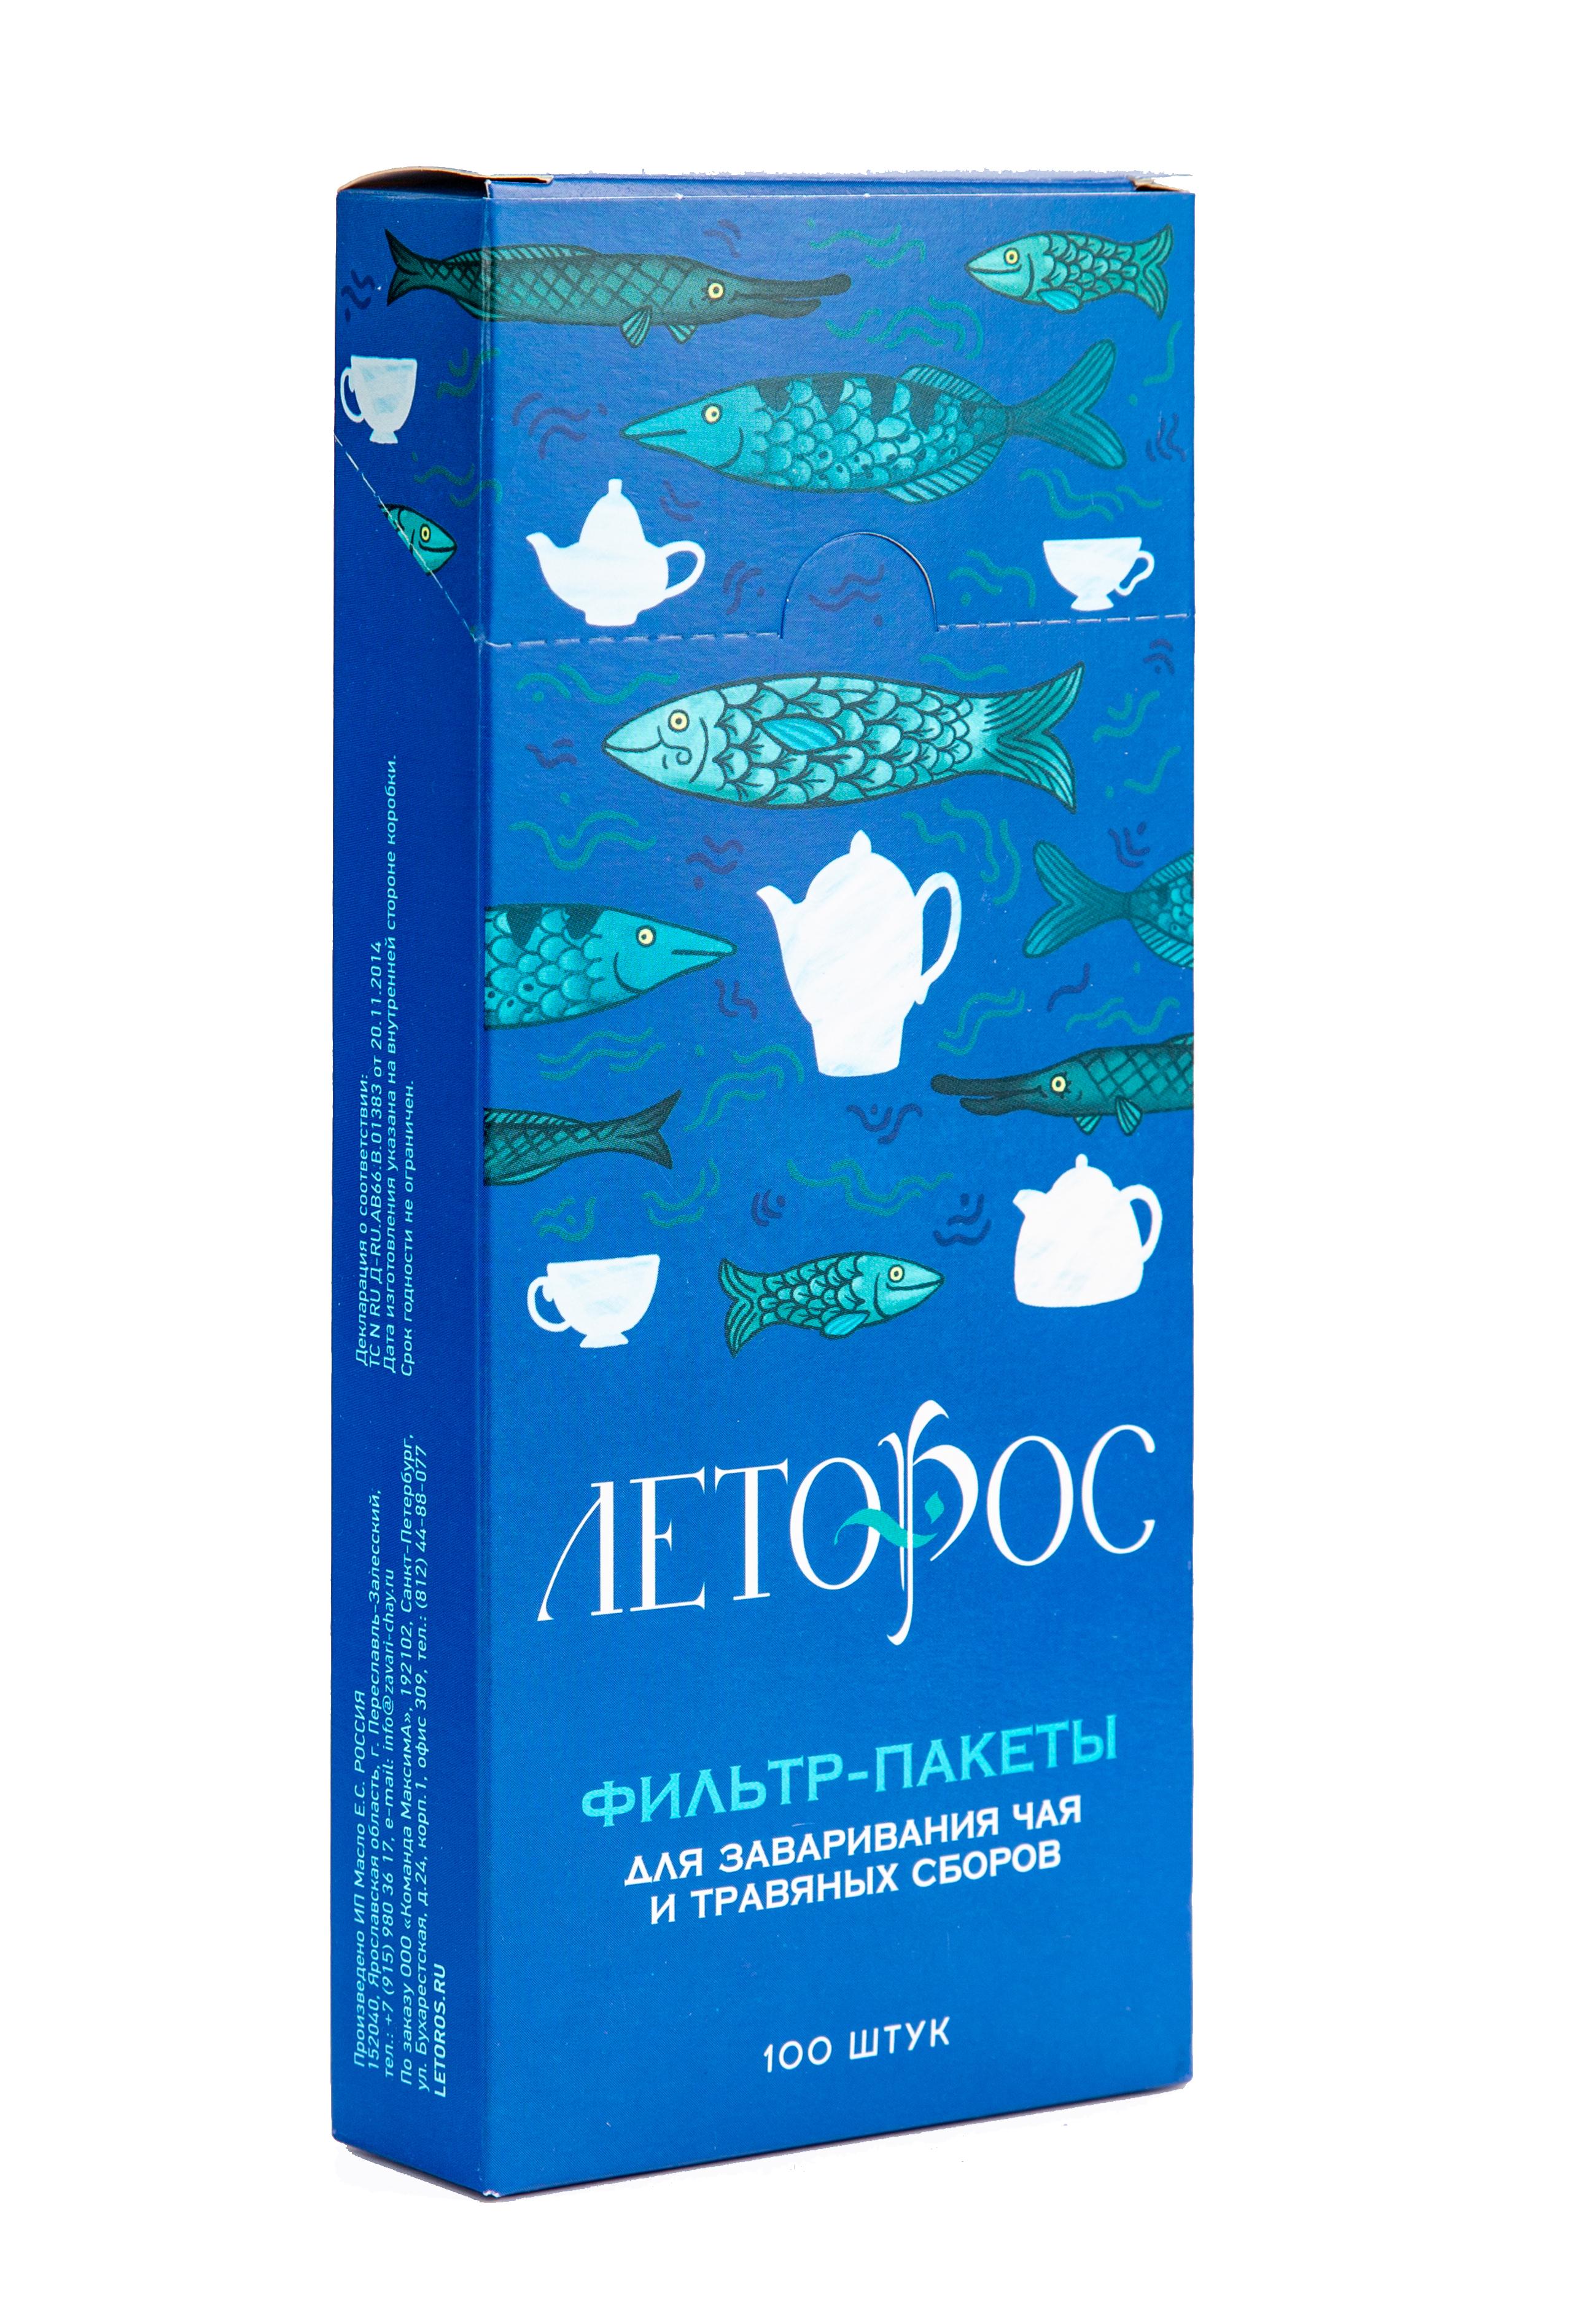 Фильтр для заваривания чая ЛЕТОРОС Фильтр-пакеты для заваривания чая и трав алтайские травы стресс контроль фитосбор 1 5г 20 фильтр пакеты